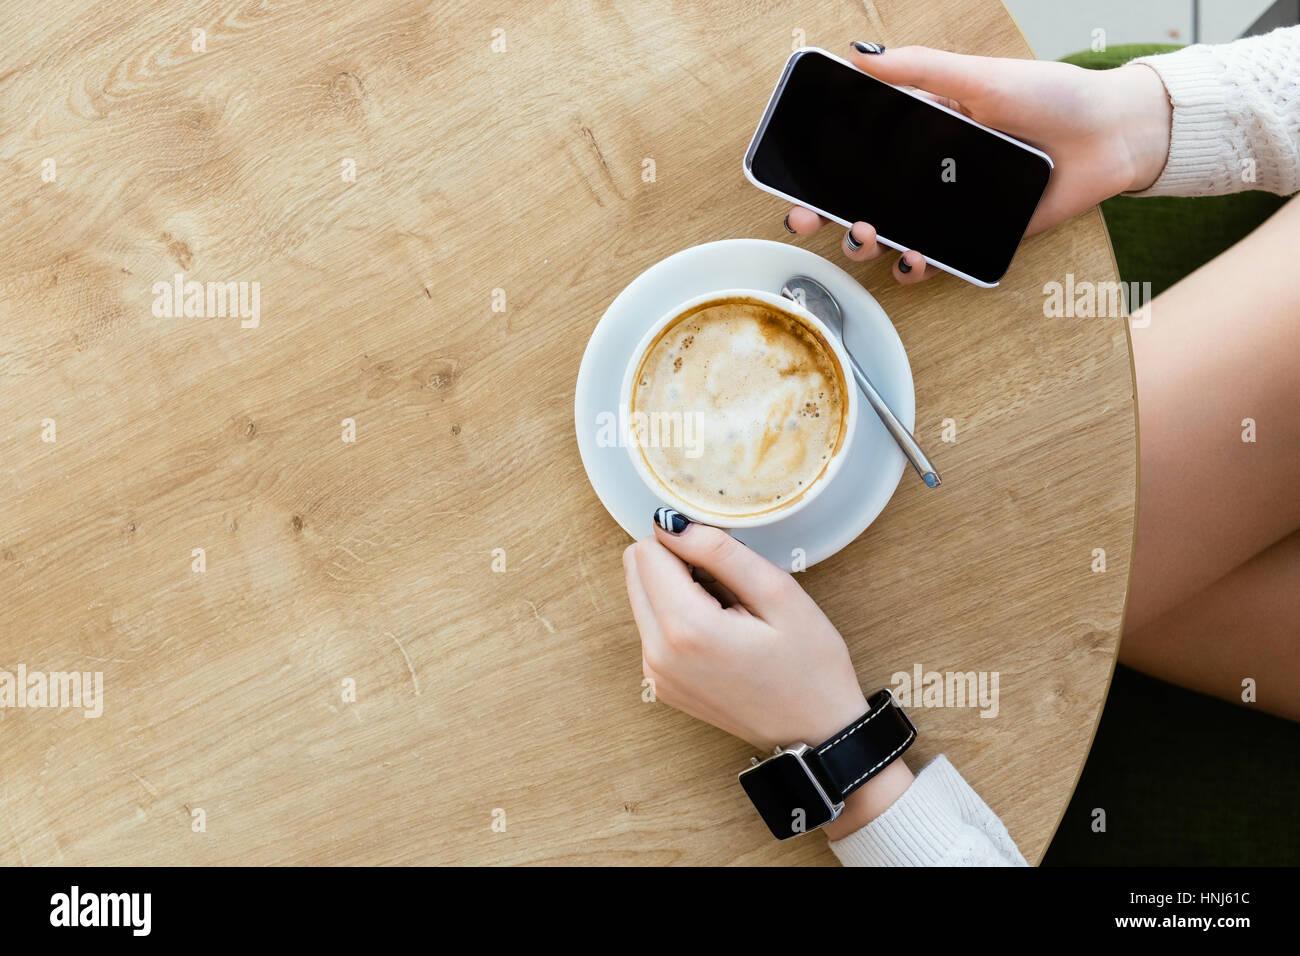 Tasse de café, regarder et téléphone mobile Photo Stock